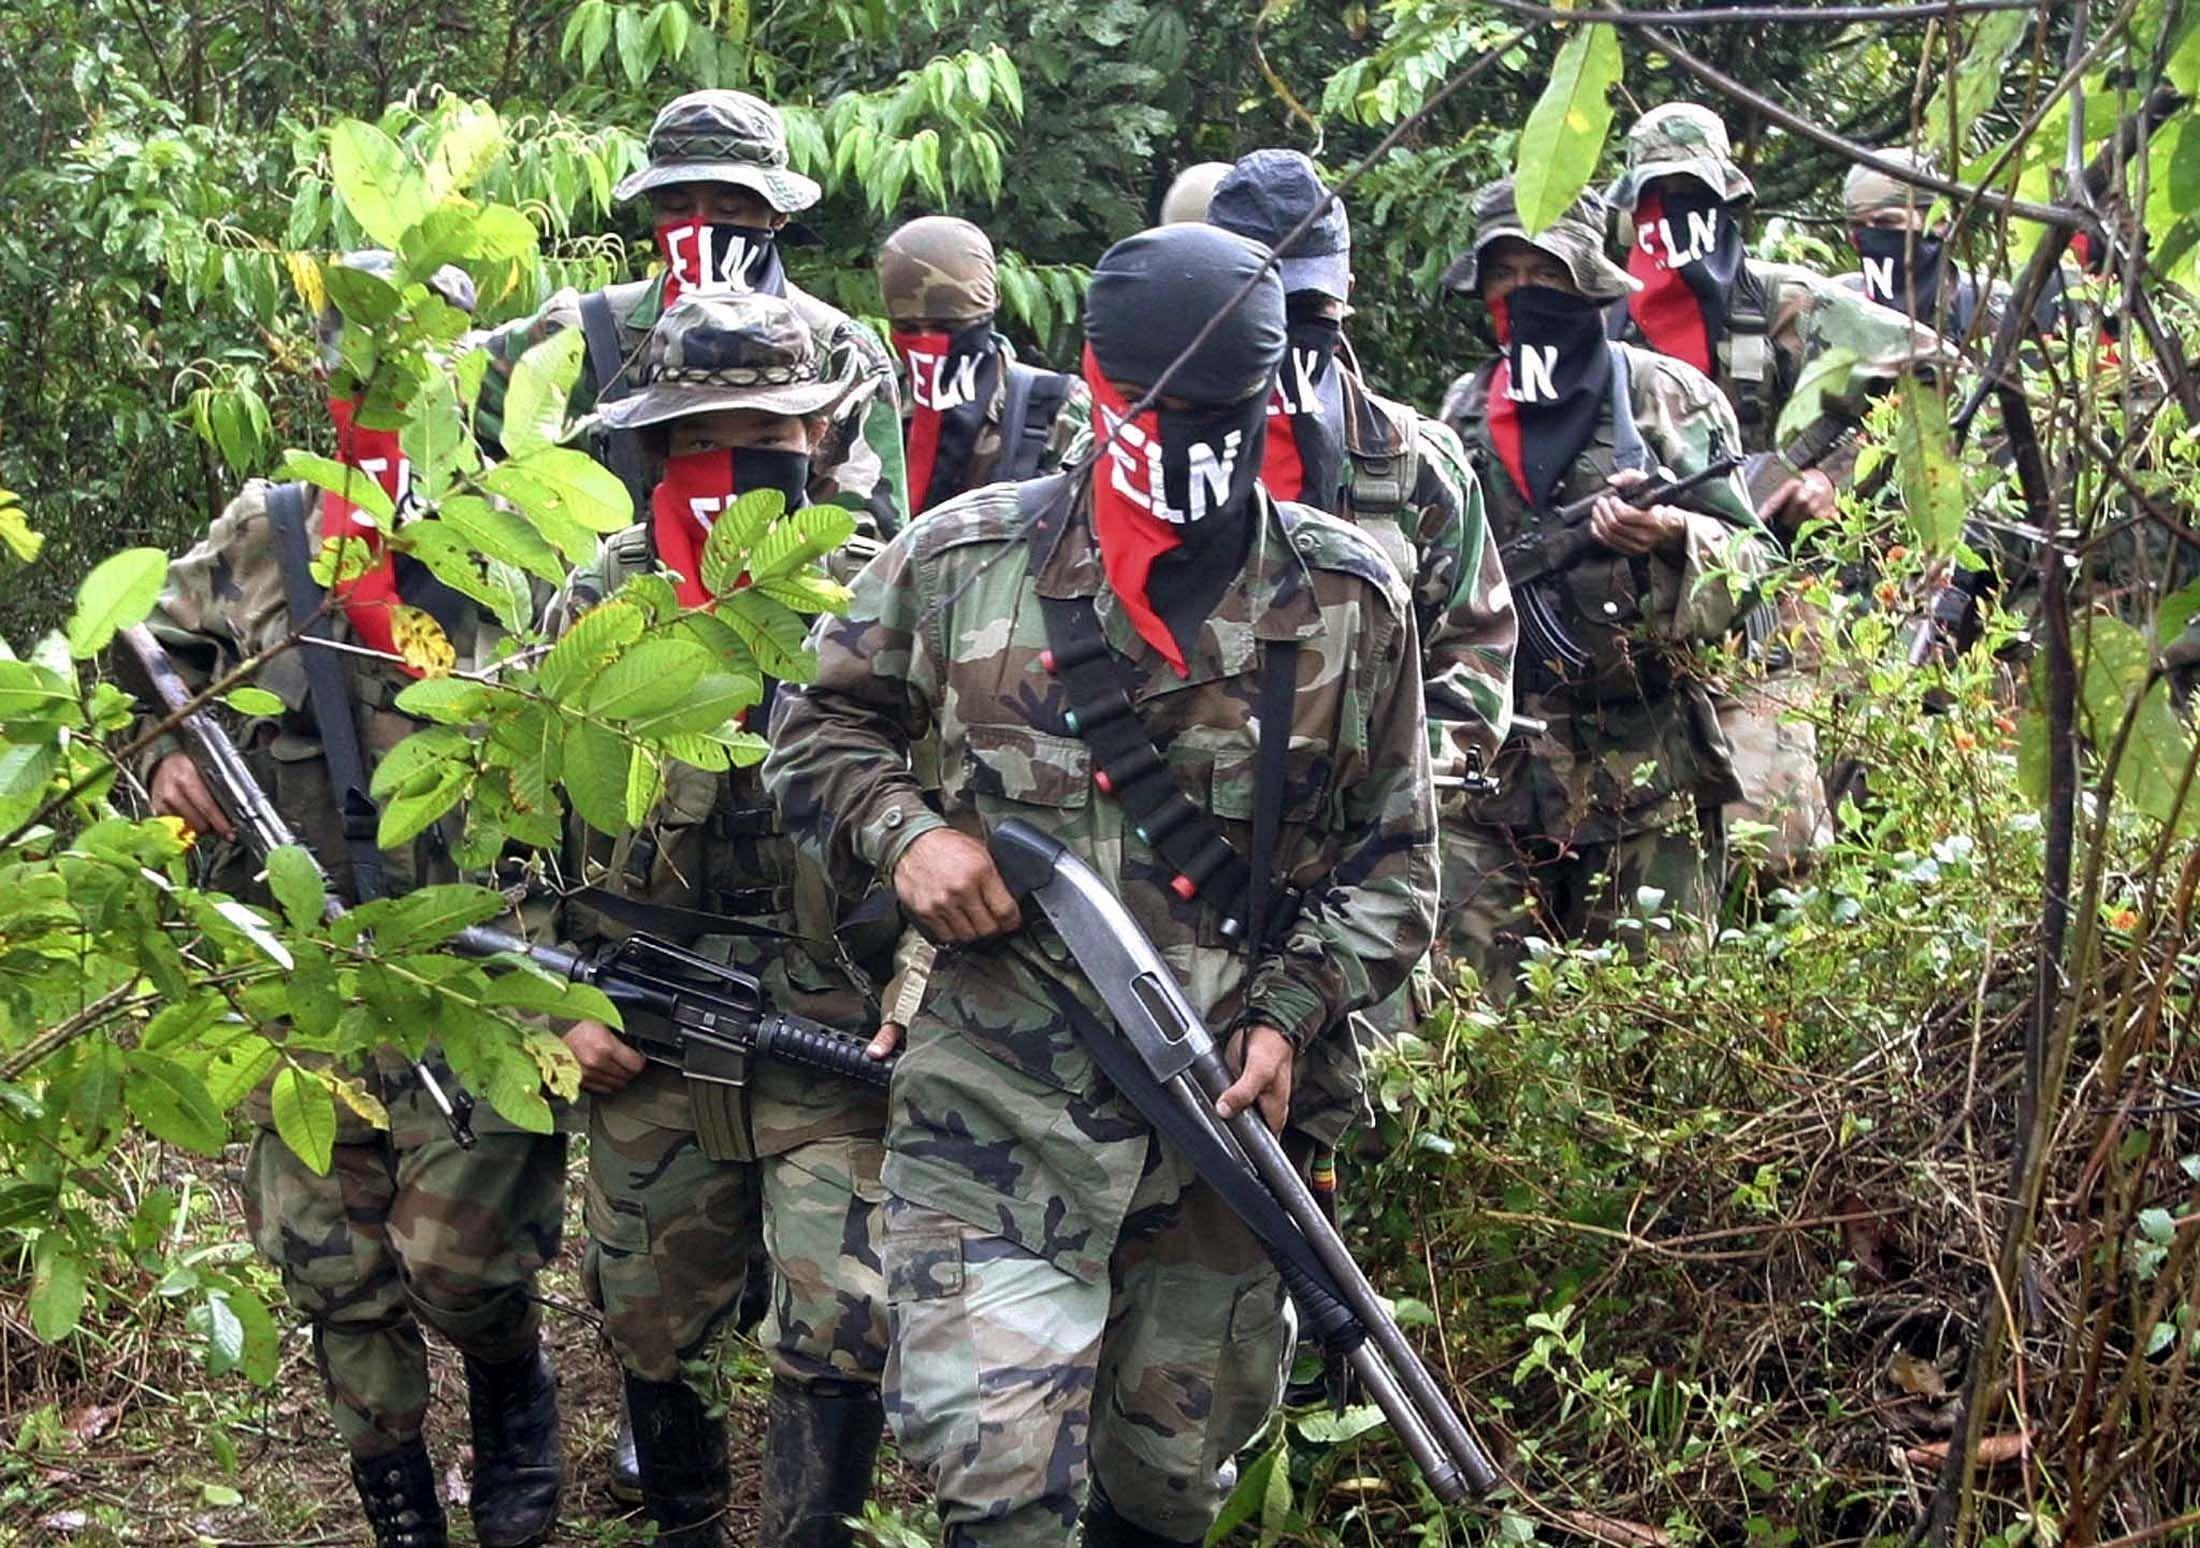 ELN Colombian rebels